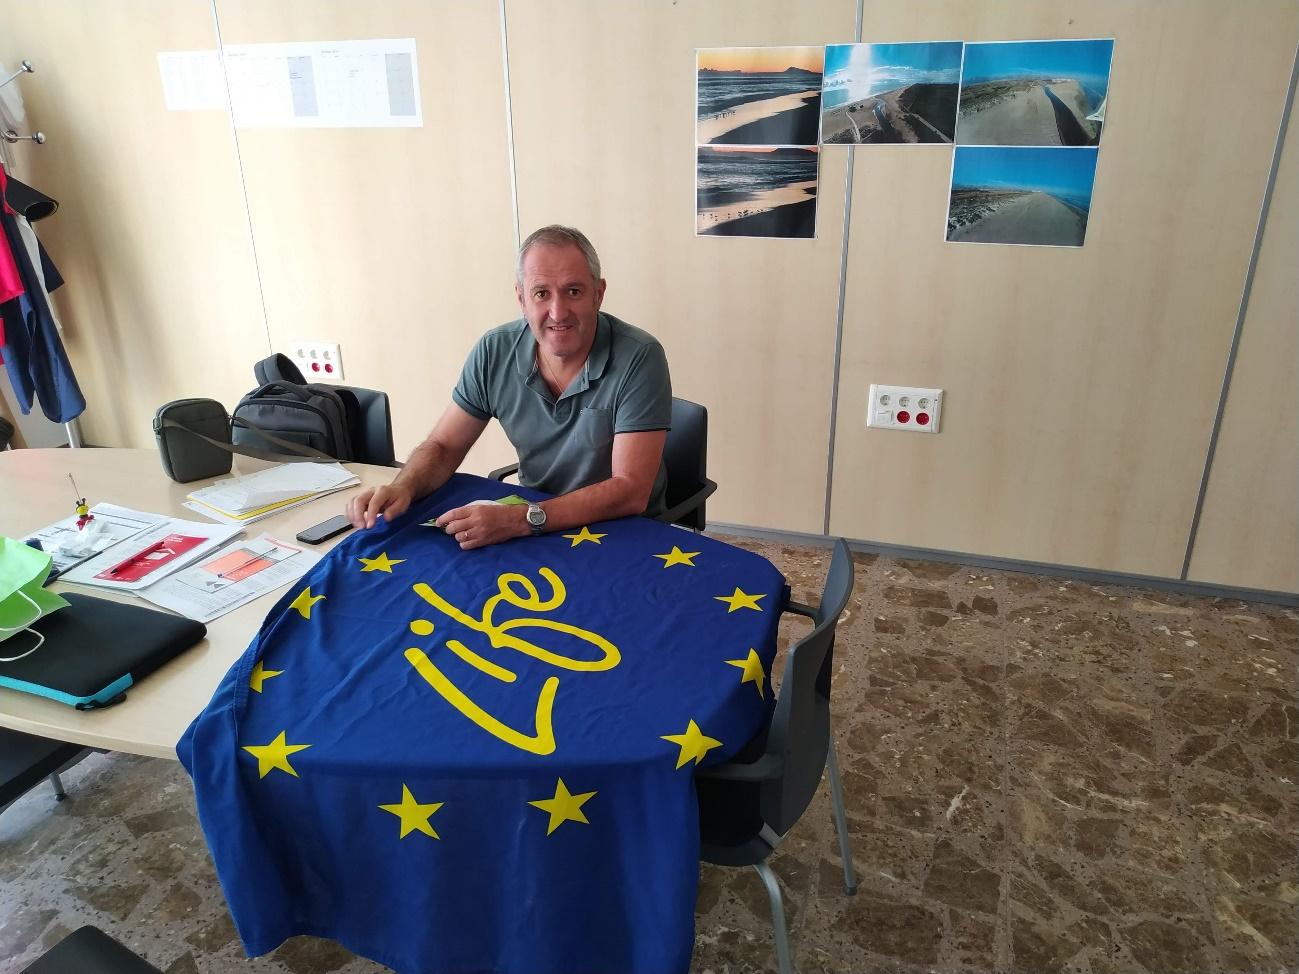 Reunión con Evaristo Cebrián Concejal del Ayuntamiento de Xeraco.